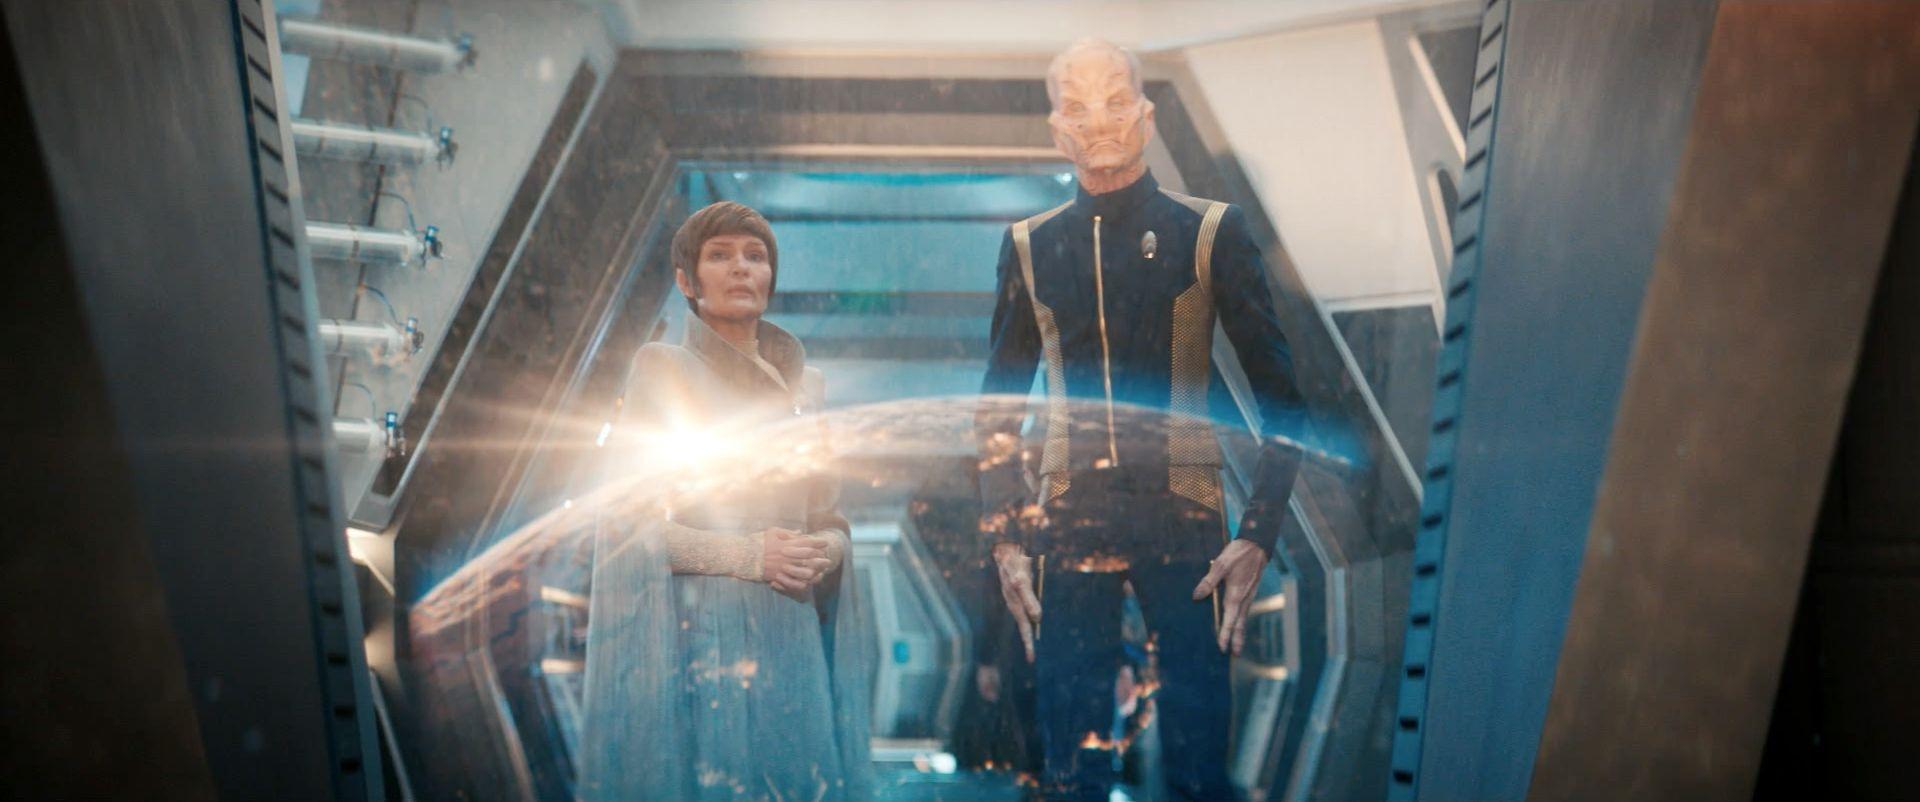 Звездный путь: Дискавери — s03e07 — Unification III